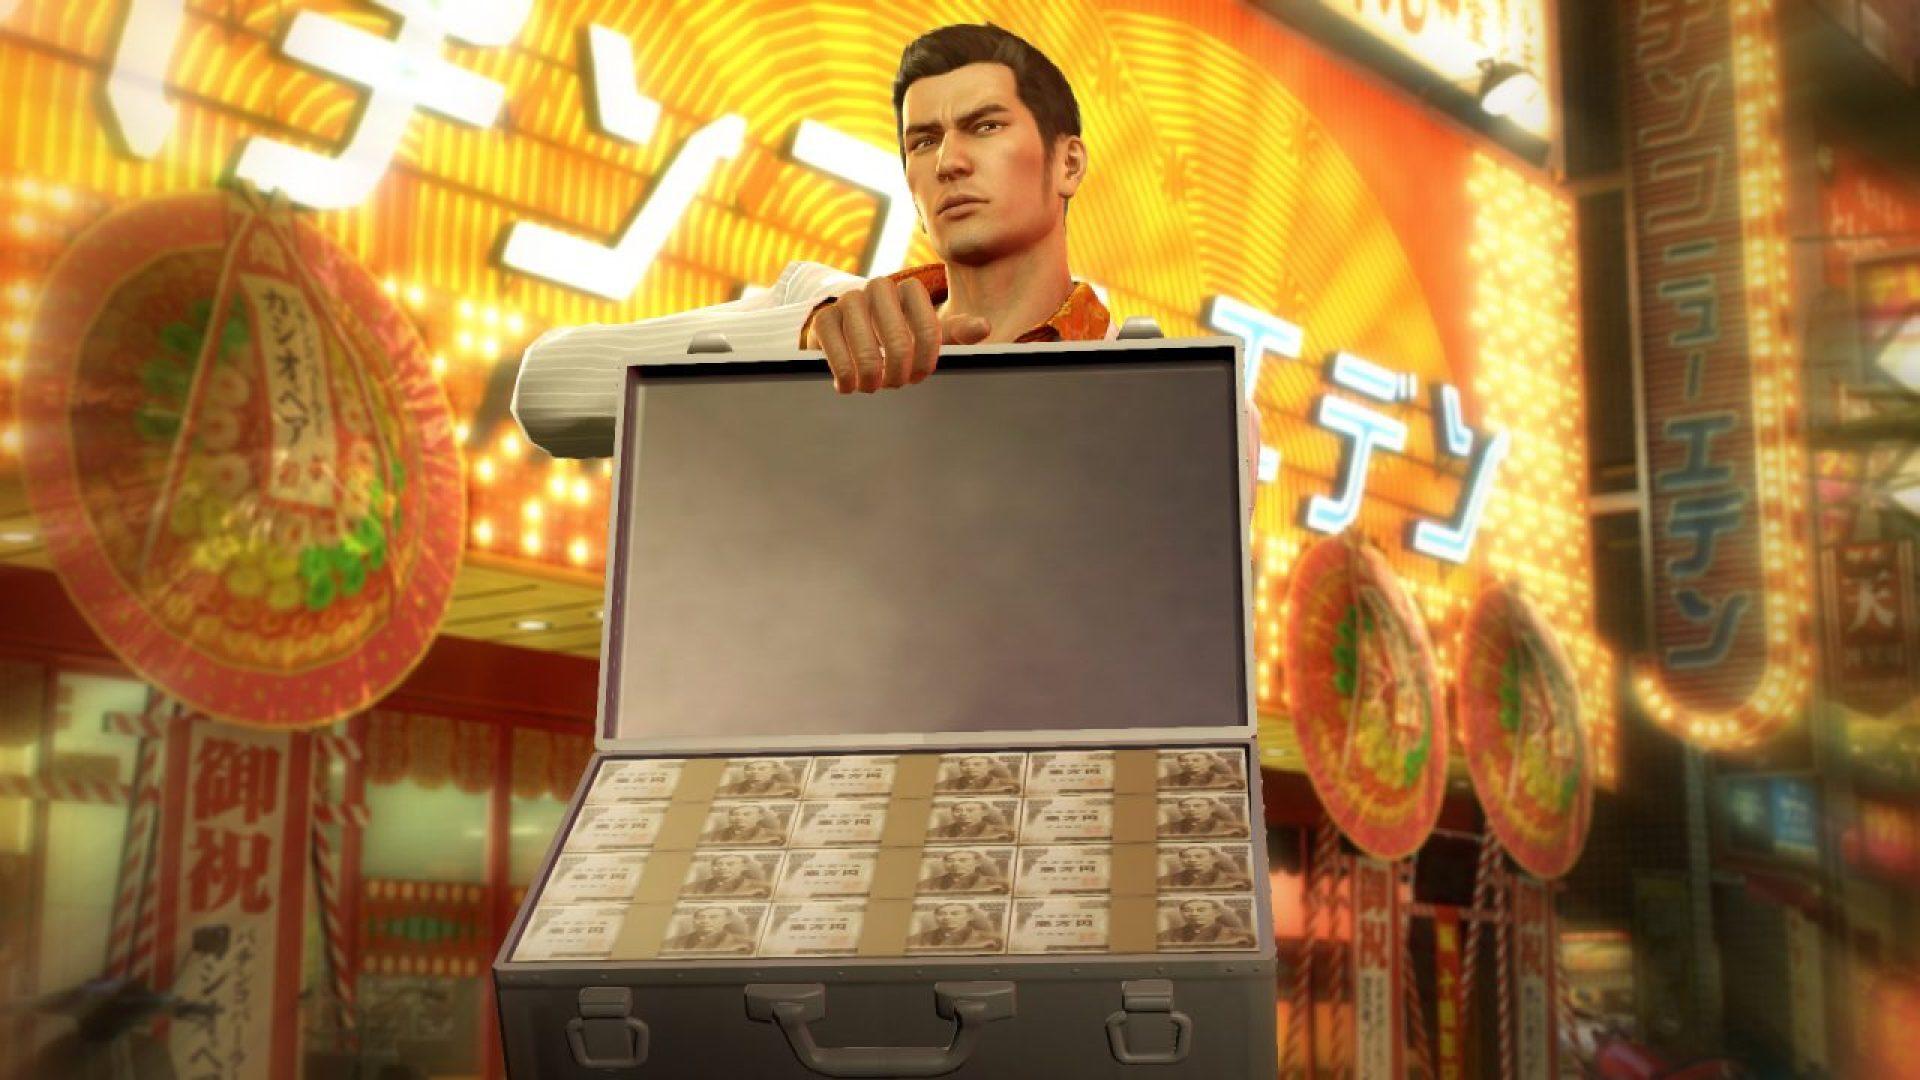 yakuza-powerup.jpg